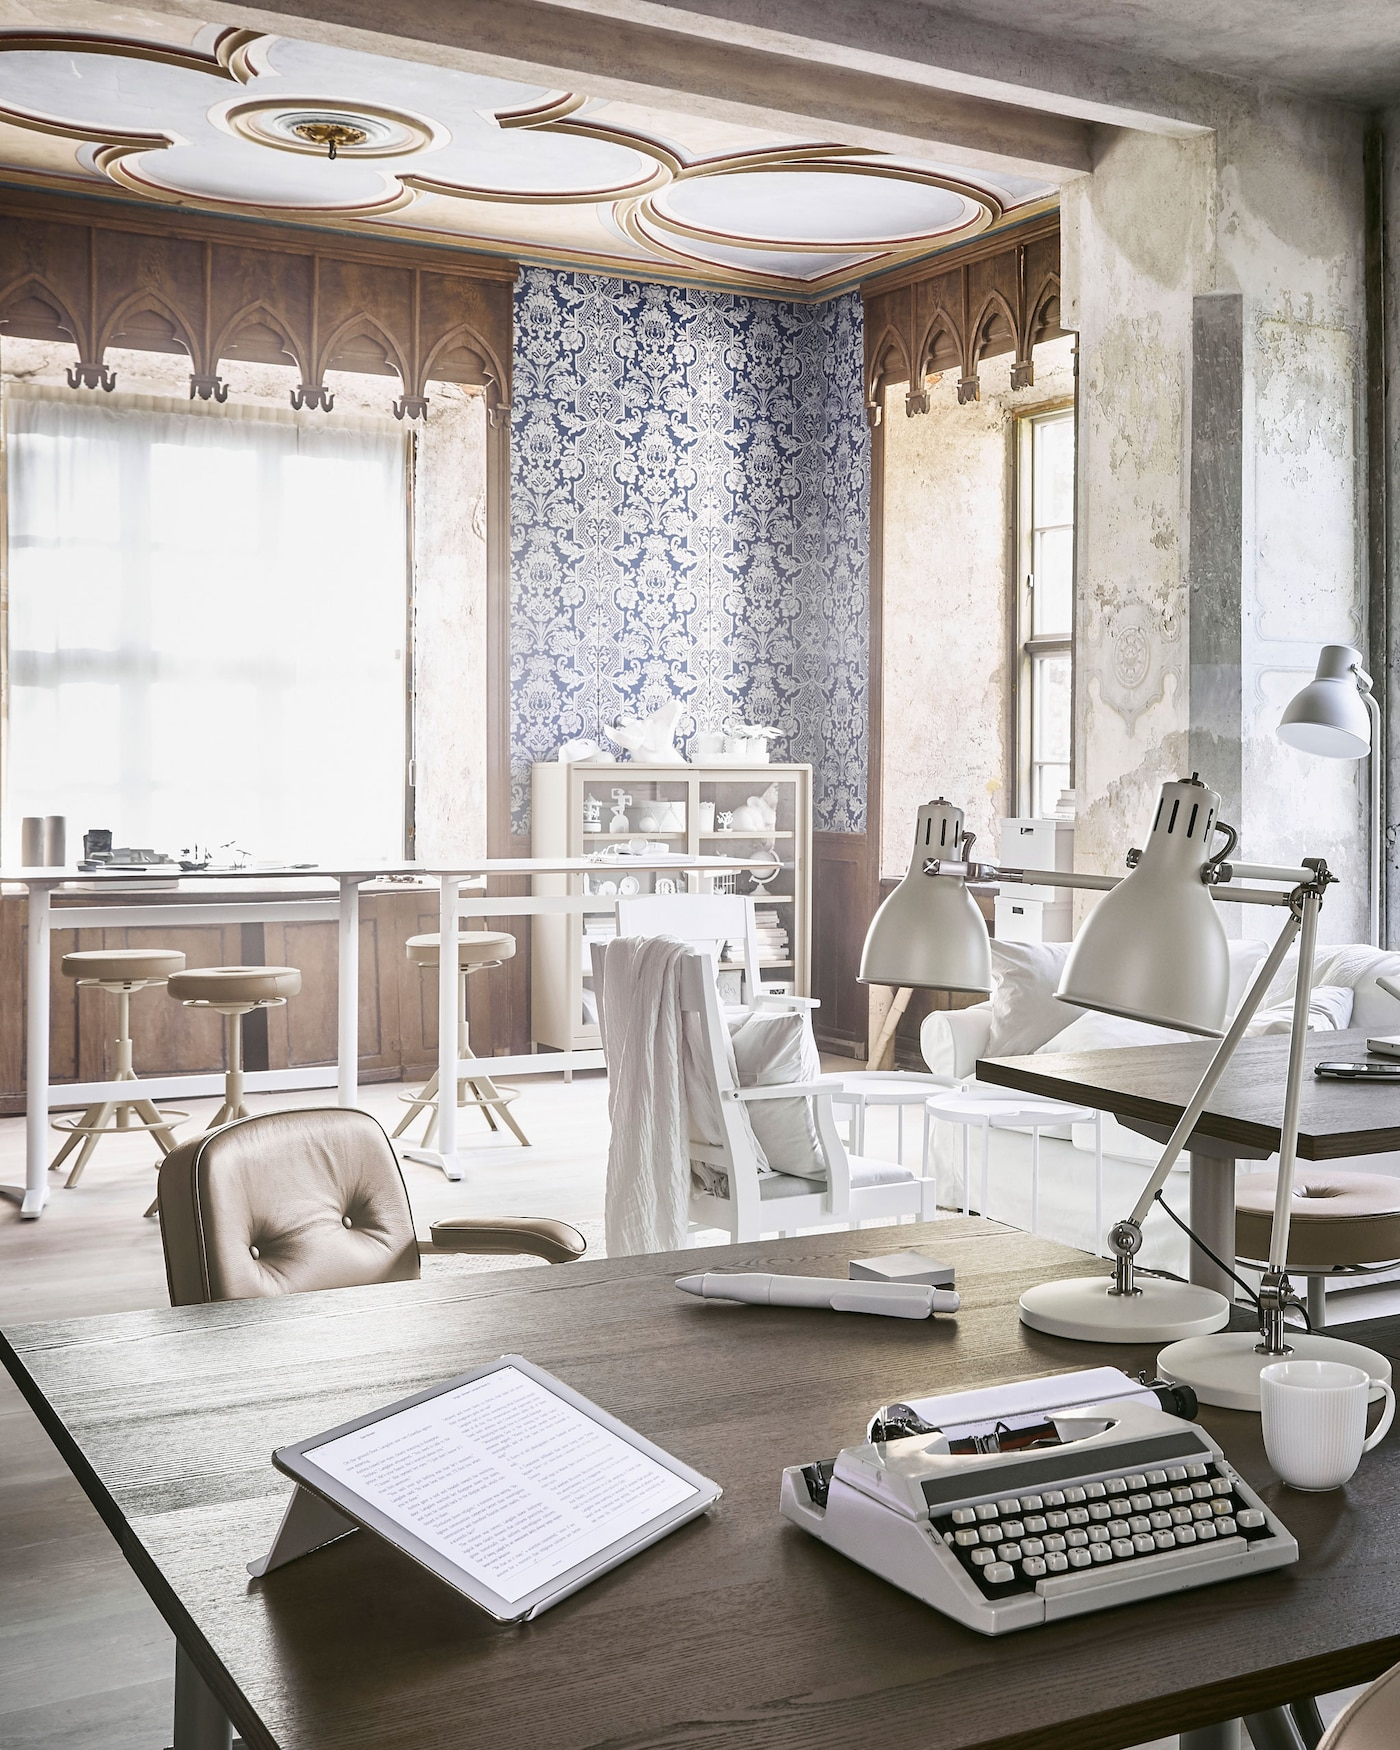 IKEA IDÅSEN Sitz  Und Stehschreibtische Haben Eine Arbeitsplatte Aus  Dunklem Eschenfurnier, Deren Geschwungene Form